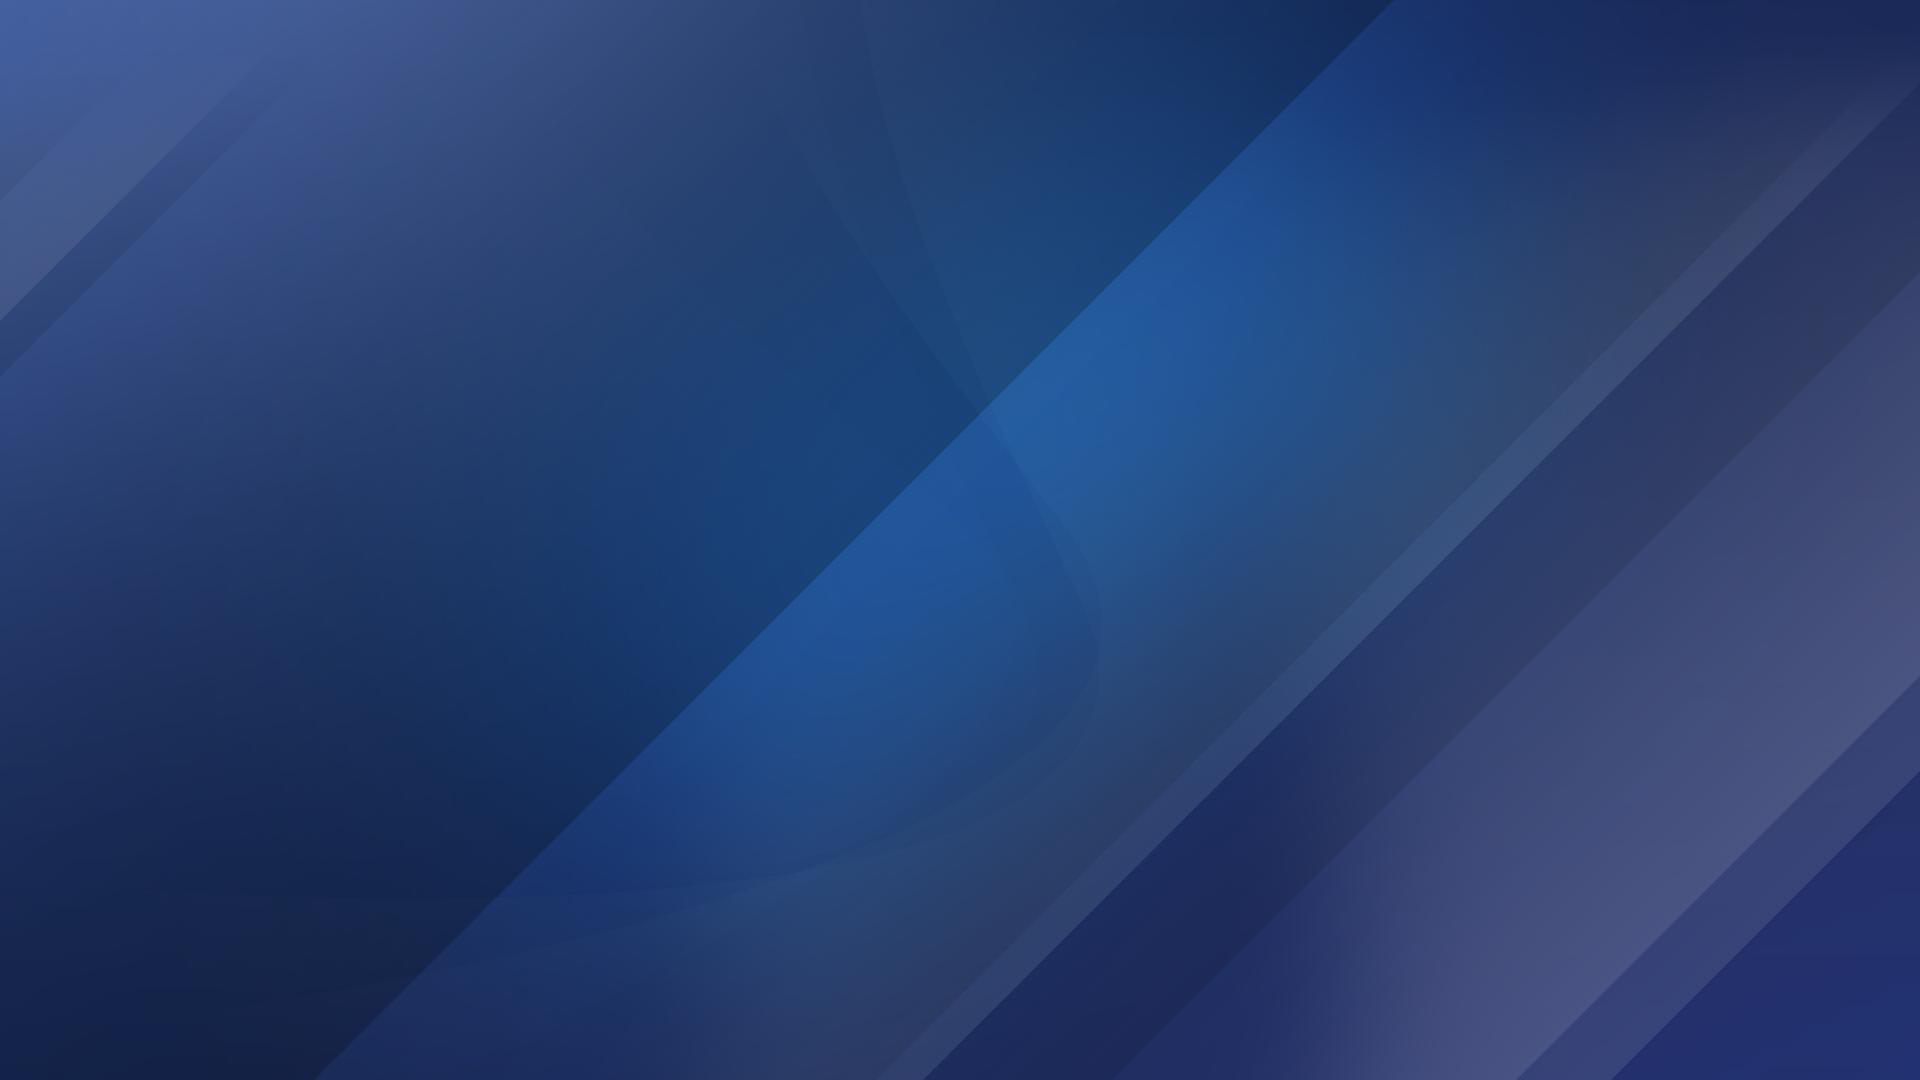 Fondo De Pantalla Abstracto Bolas Azules: Glass Abstract Blue Bars Fondo De Pantalla HD